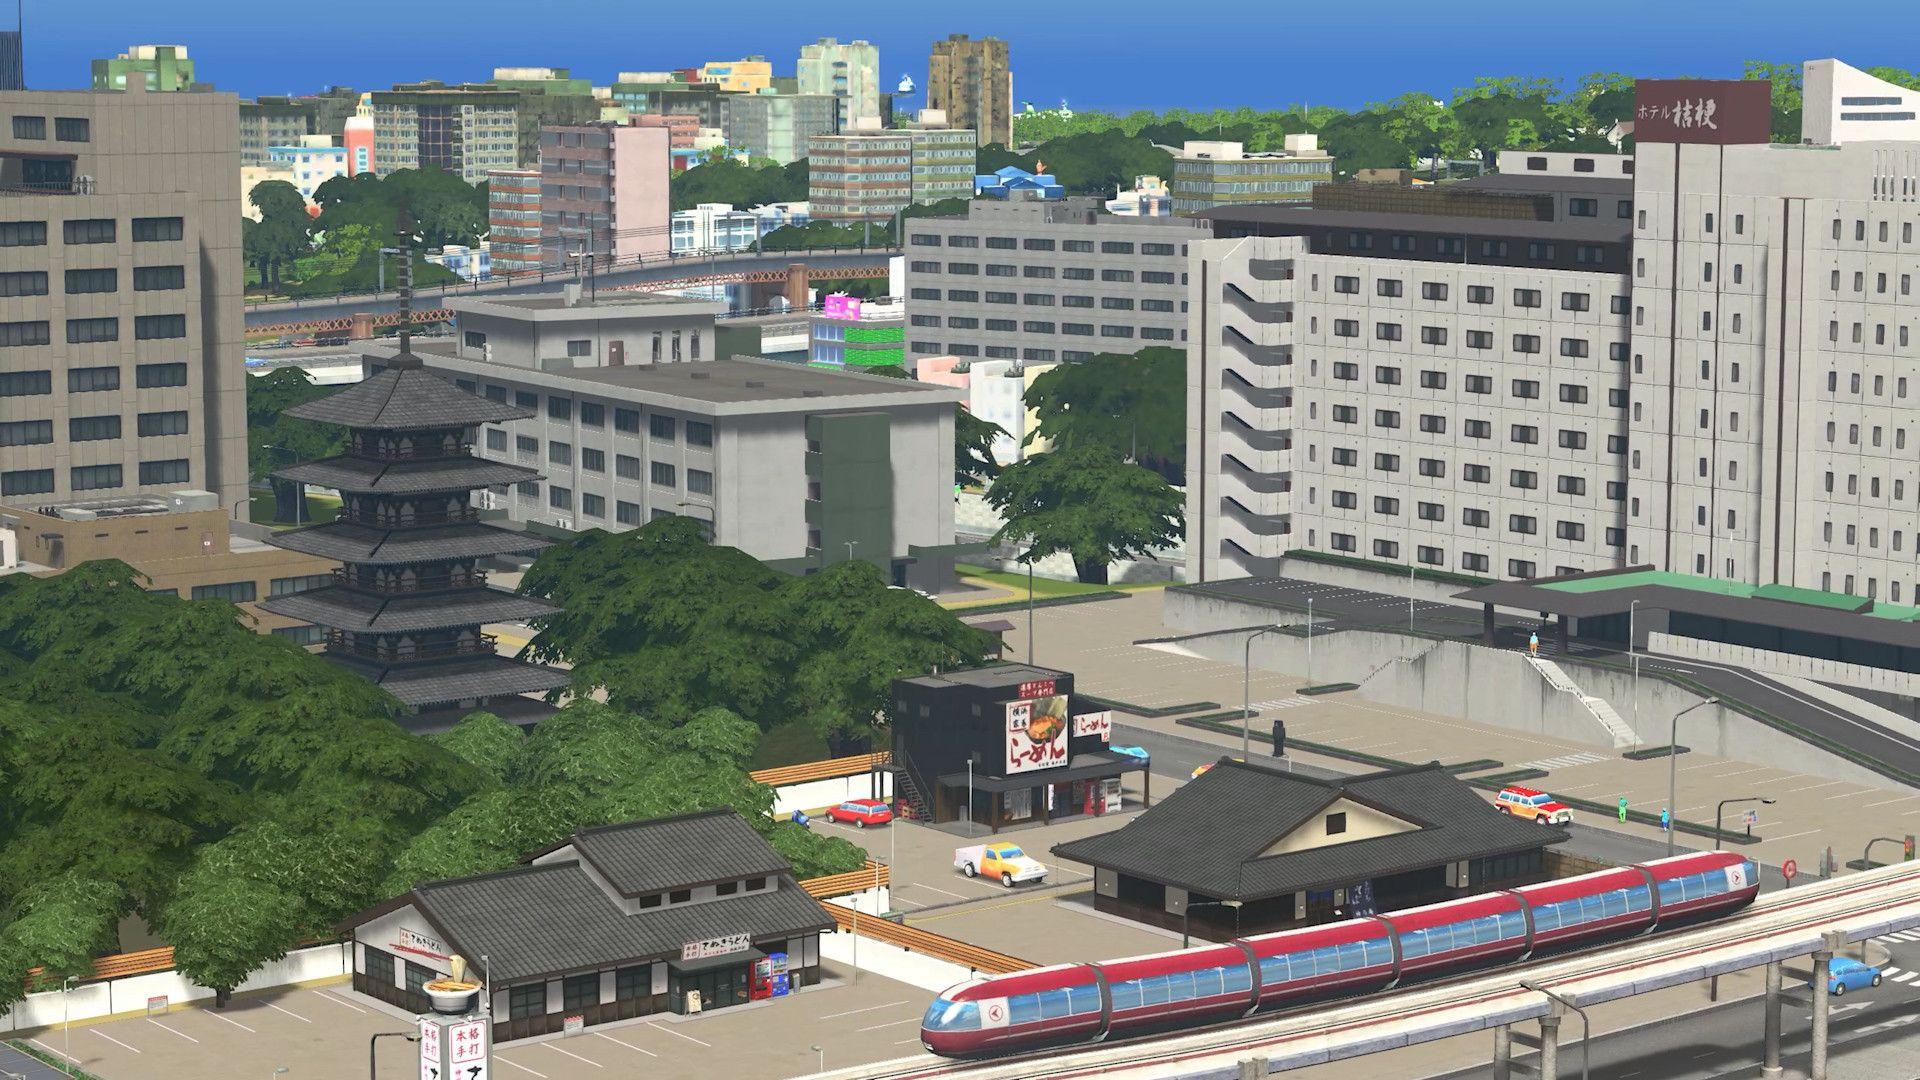 CITIESSKYLINESCCPJAPAN4.jpg